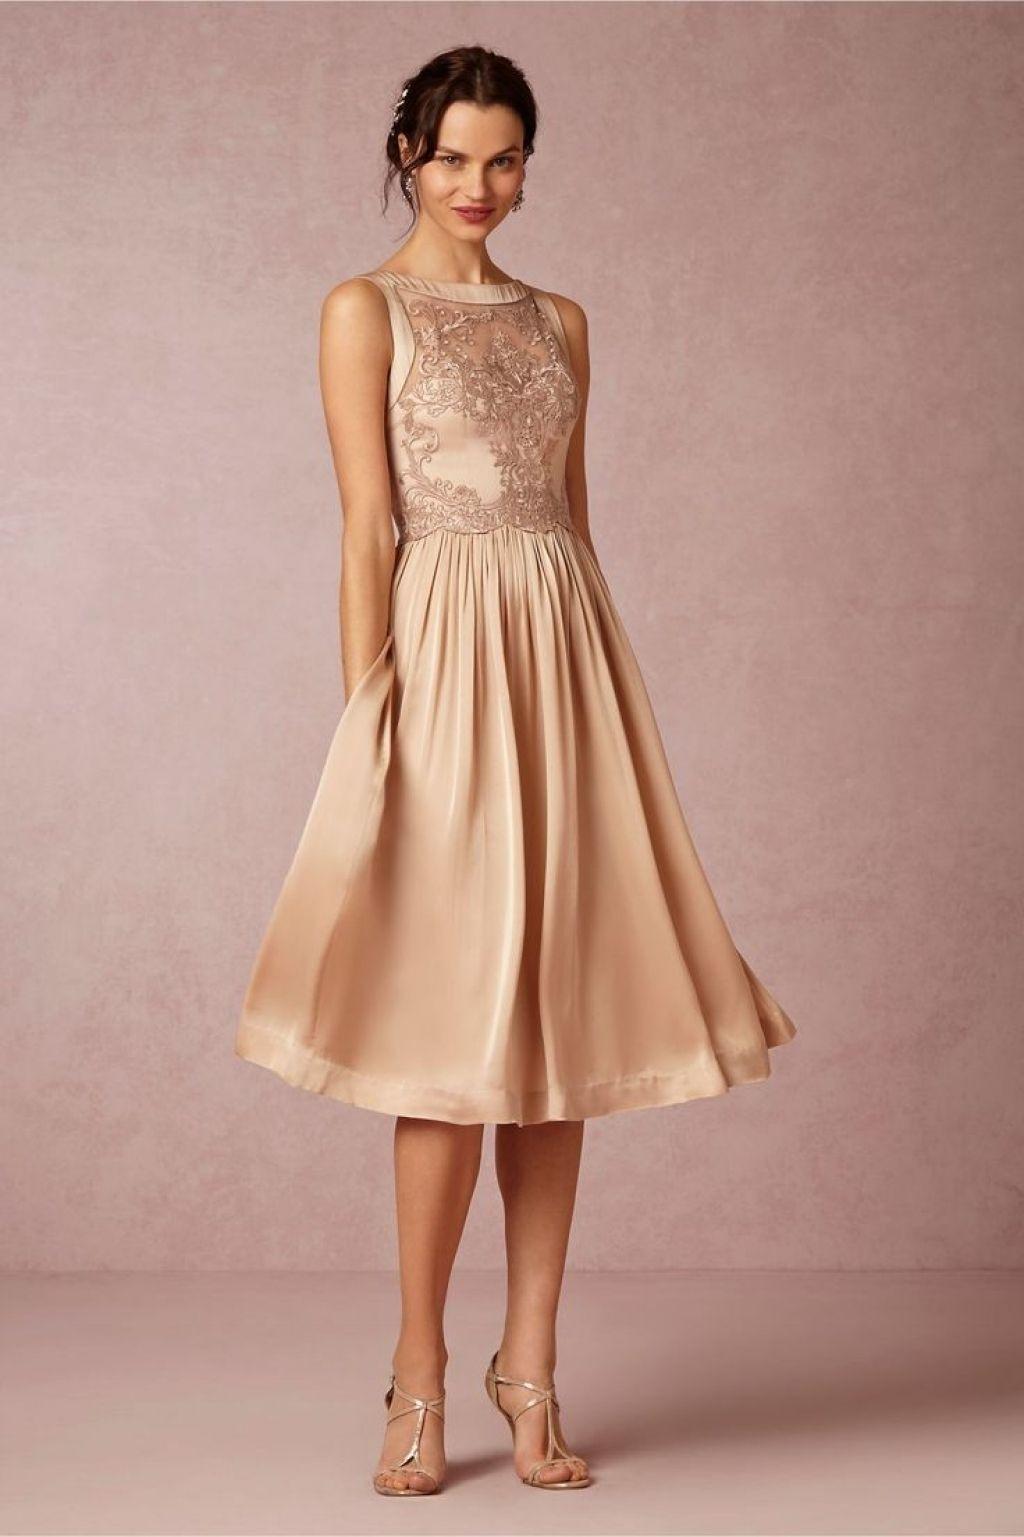 10 Coolste Kleider Hochzeitsgast Günstig Design13 Einzigartig Kleider Hochzeitsgast Günstig Galerie